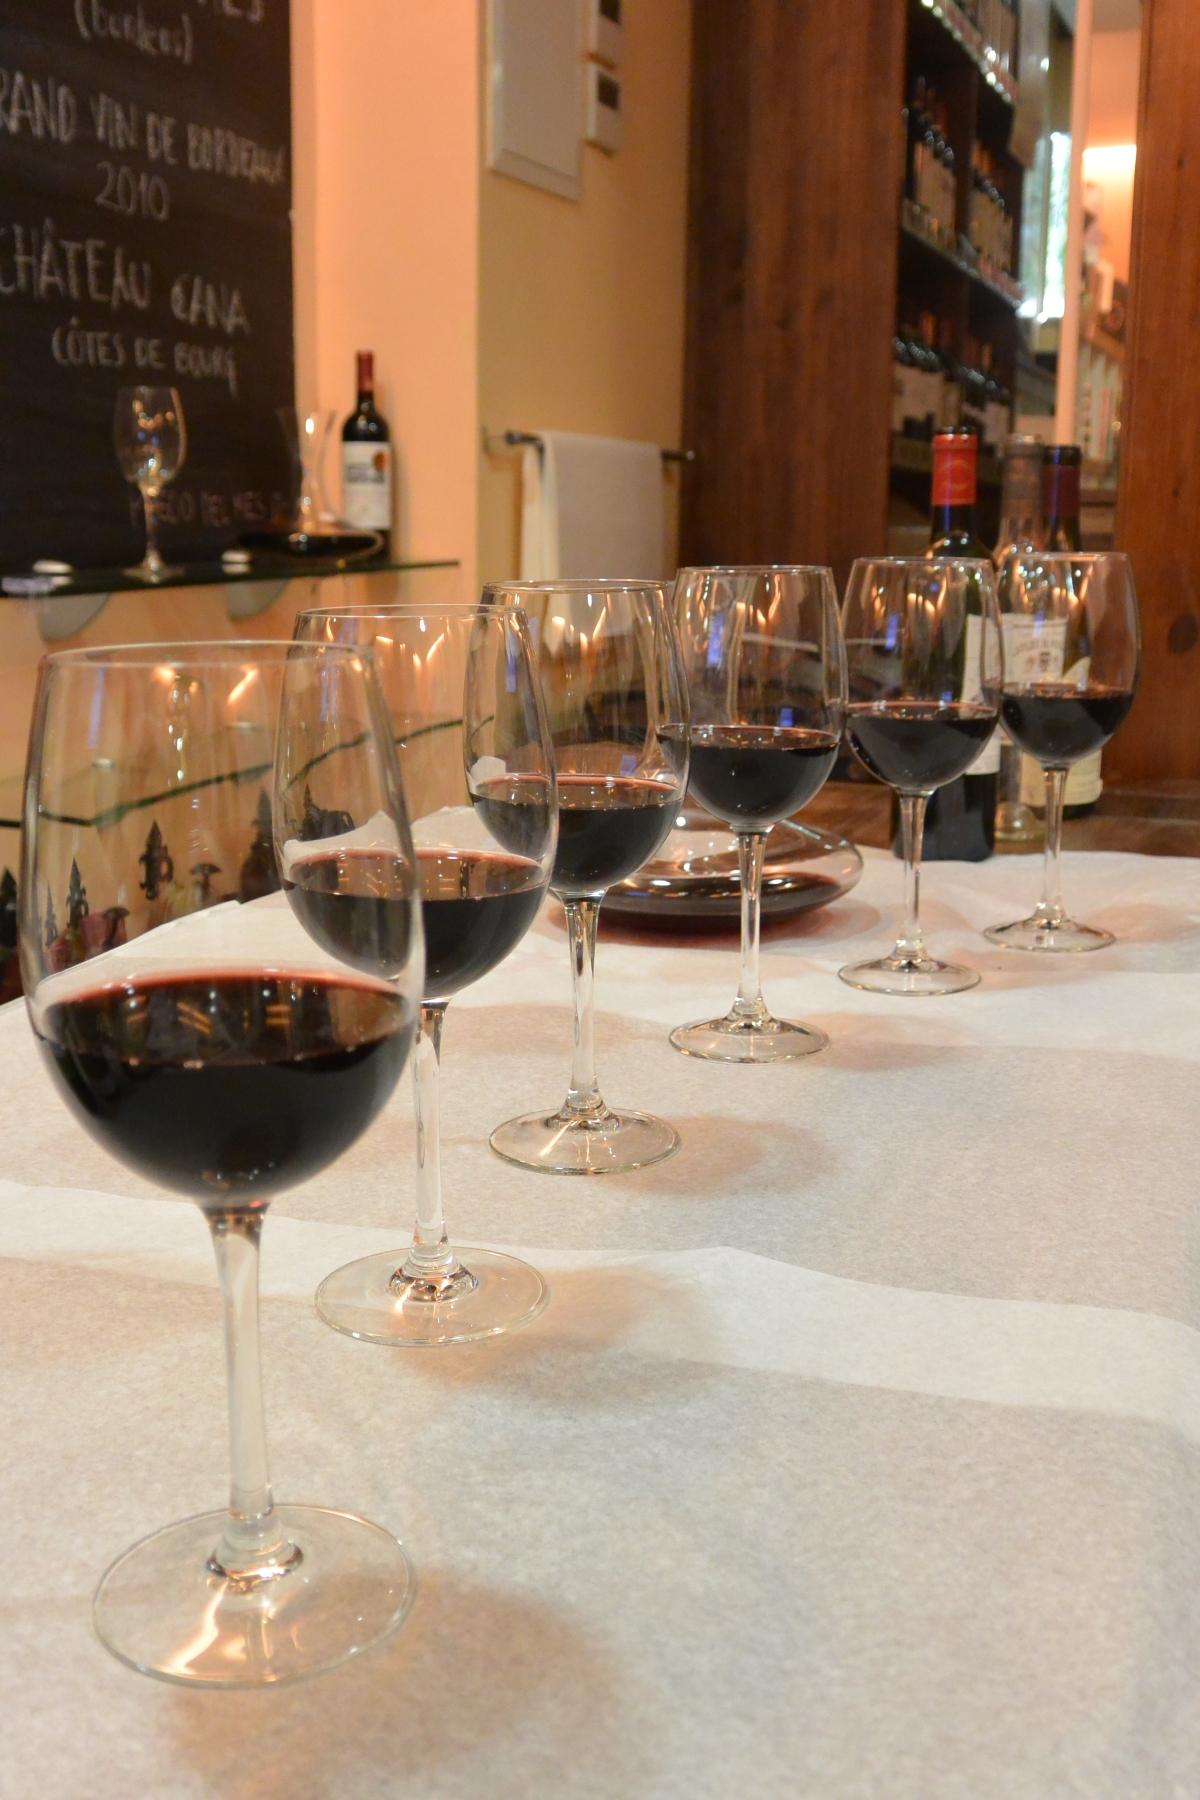 Una cata de vinos franceses en el centro deMadrid